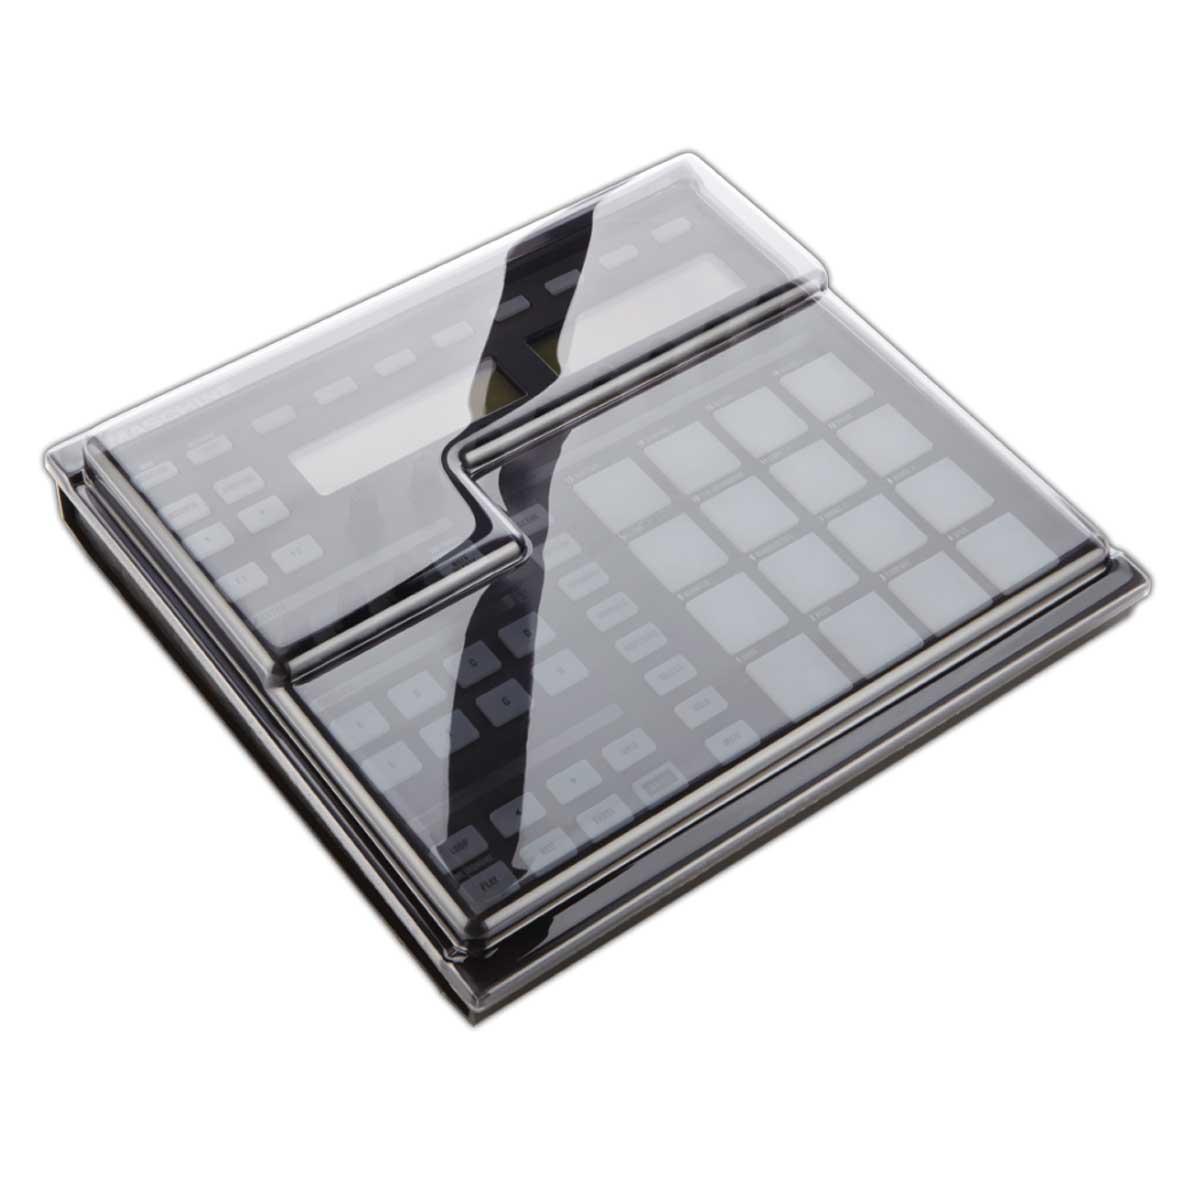 Decksaver デッキセーバー / DS-PC-MASCHINEMK2 Maschine MK2用保護カバー【お取り寄せ商品】